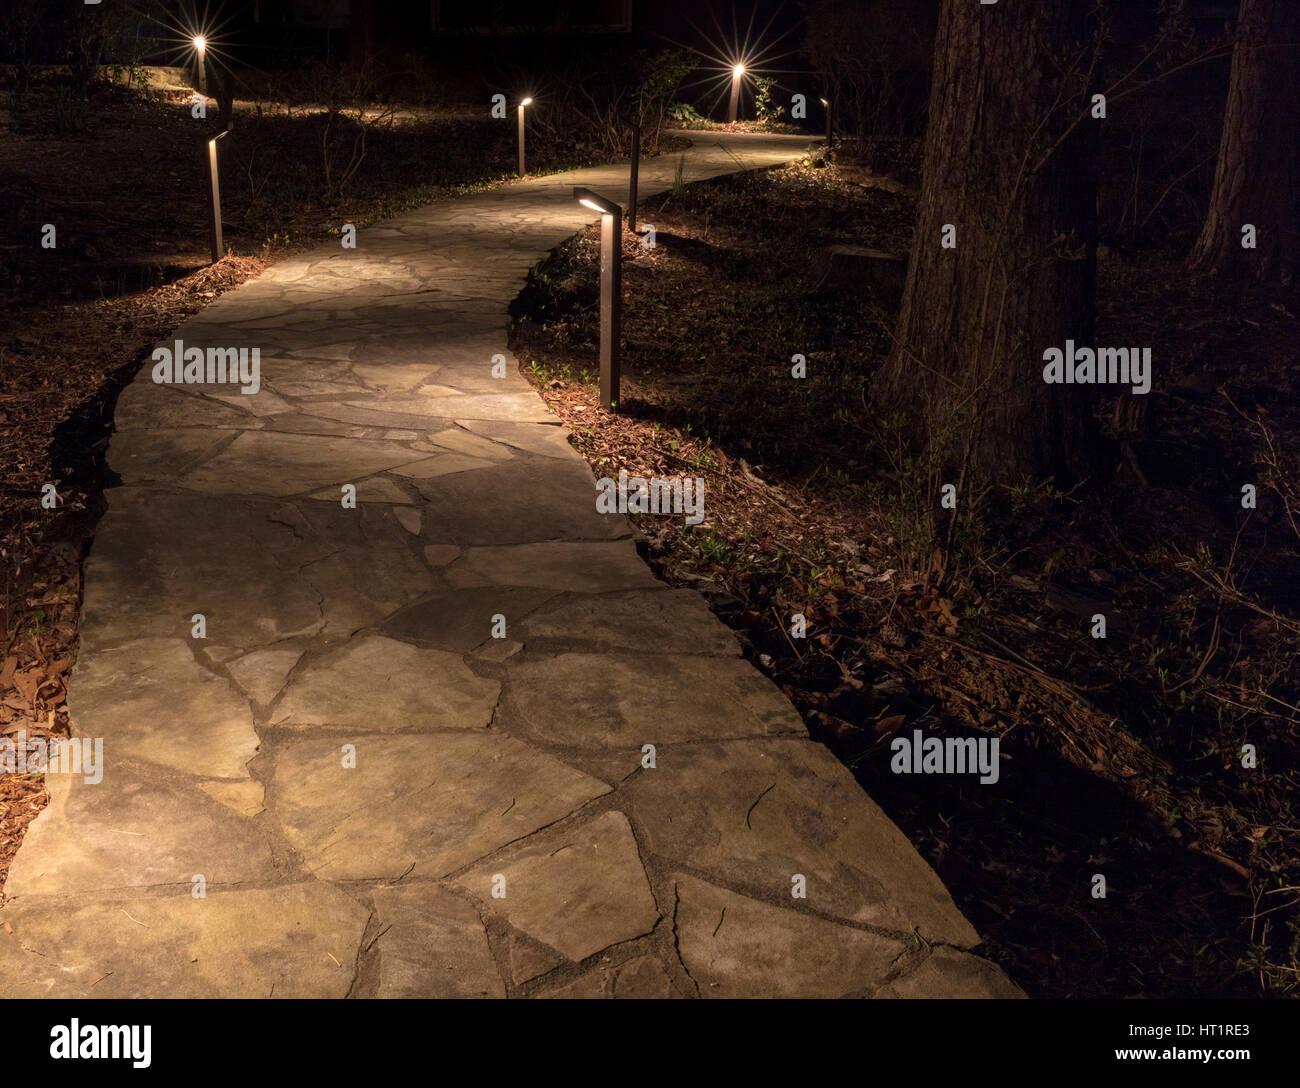 Illuminated Stone Path - Stock Image